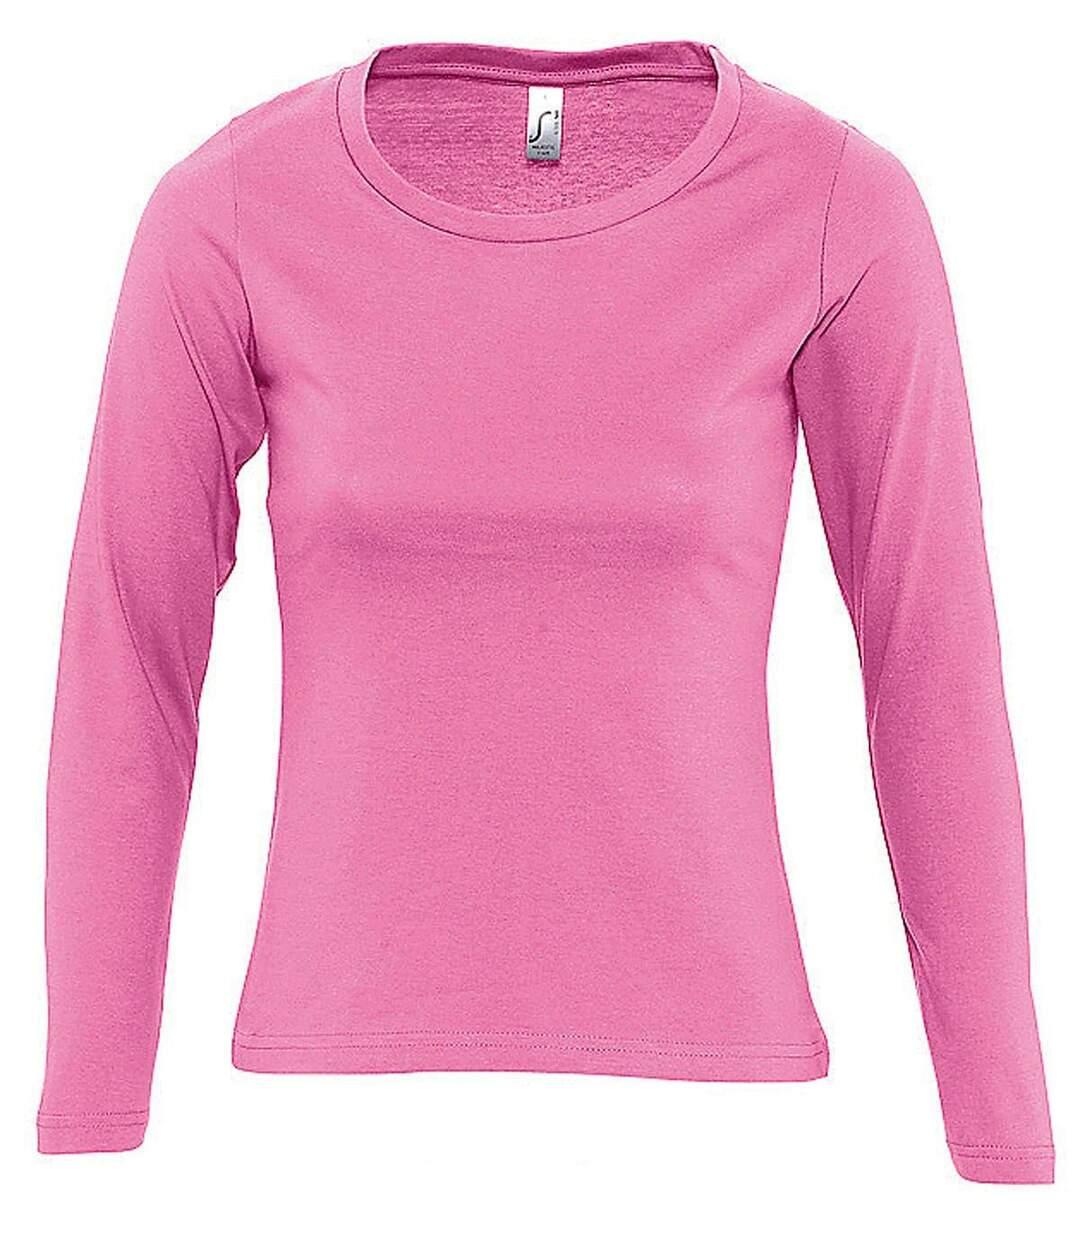 Dégagement T-shirt manches longues FEMME 11425 rose dsf.d455nksdKLFHG